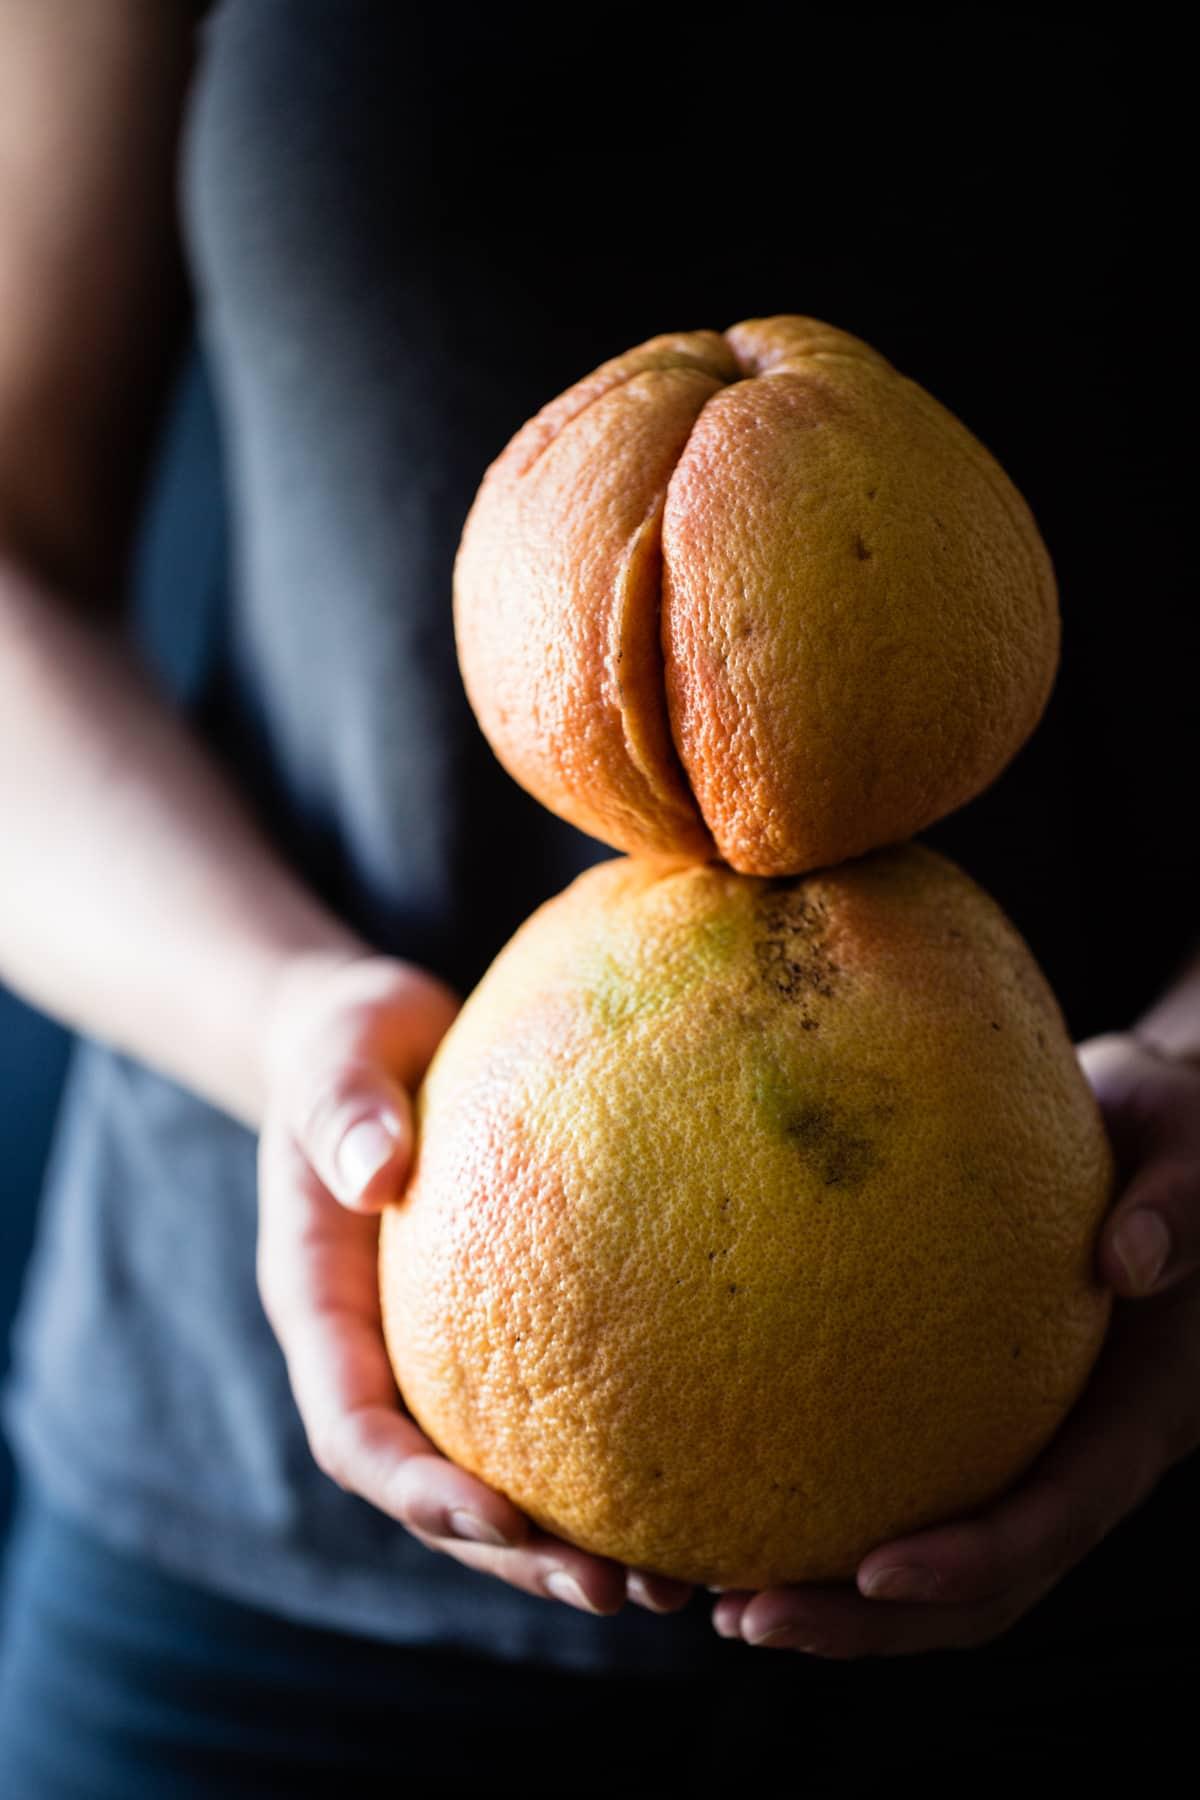 Imperfect citrus